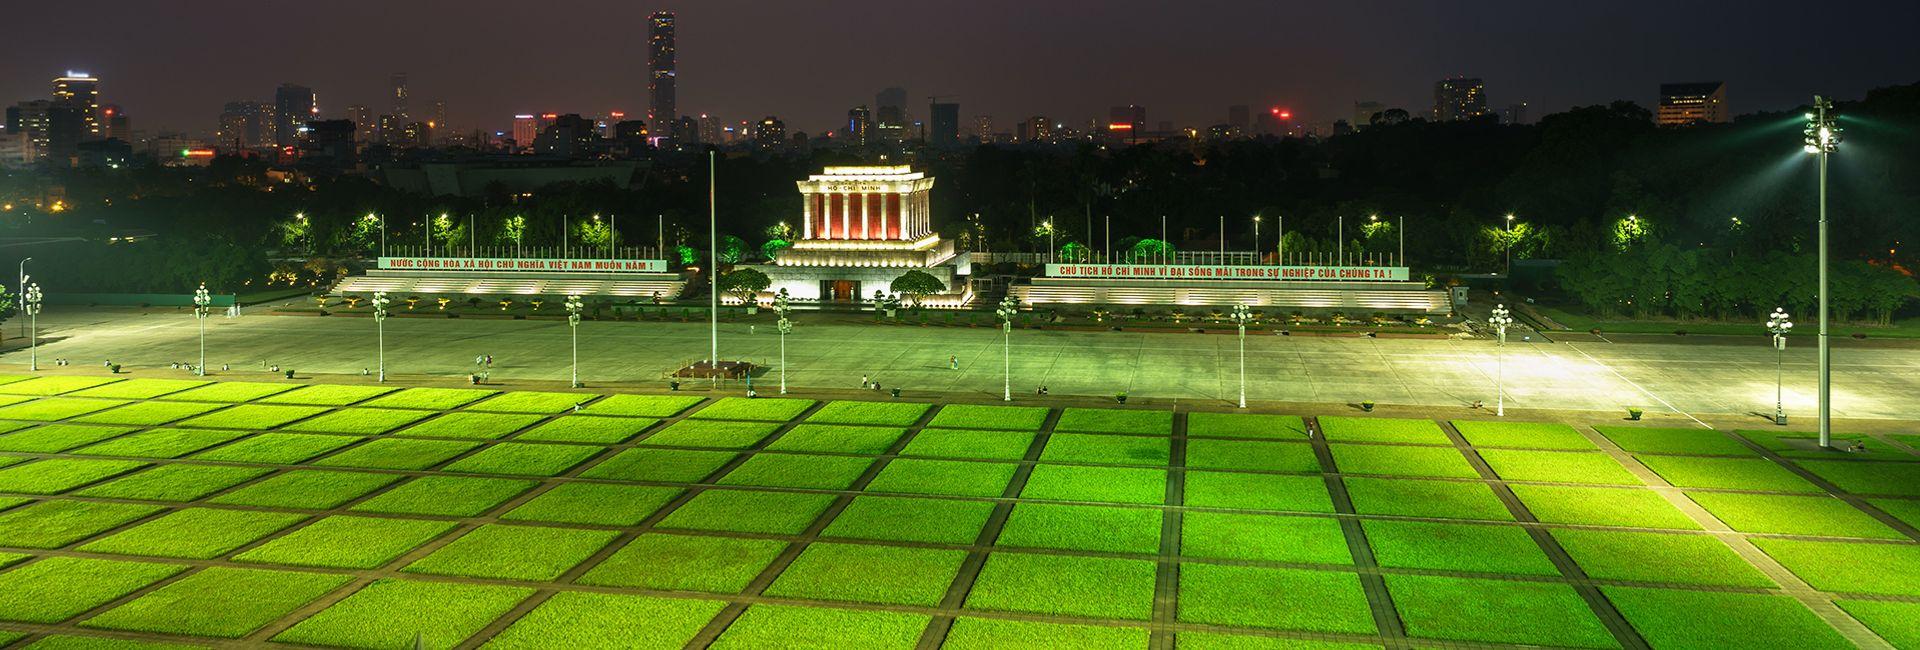 Quảng trường Ba Đình - Nơi hồn thiêng của Thủ Đô